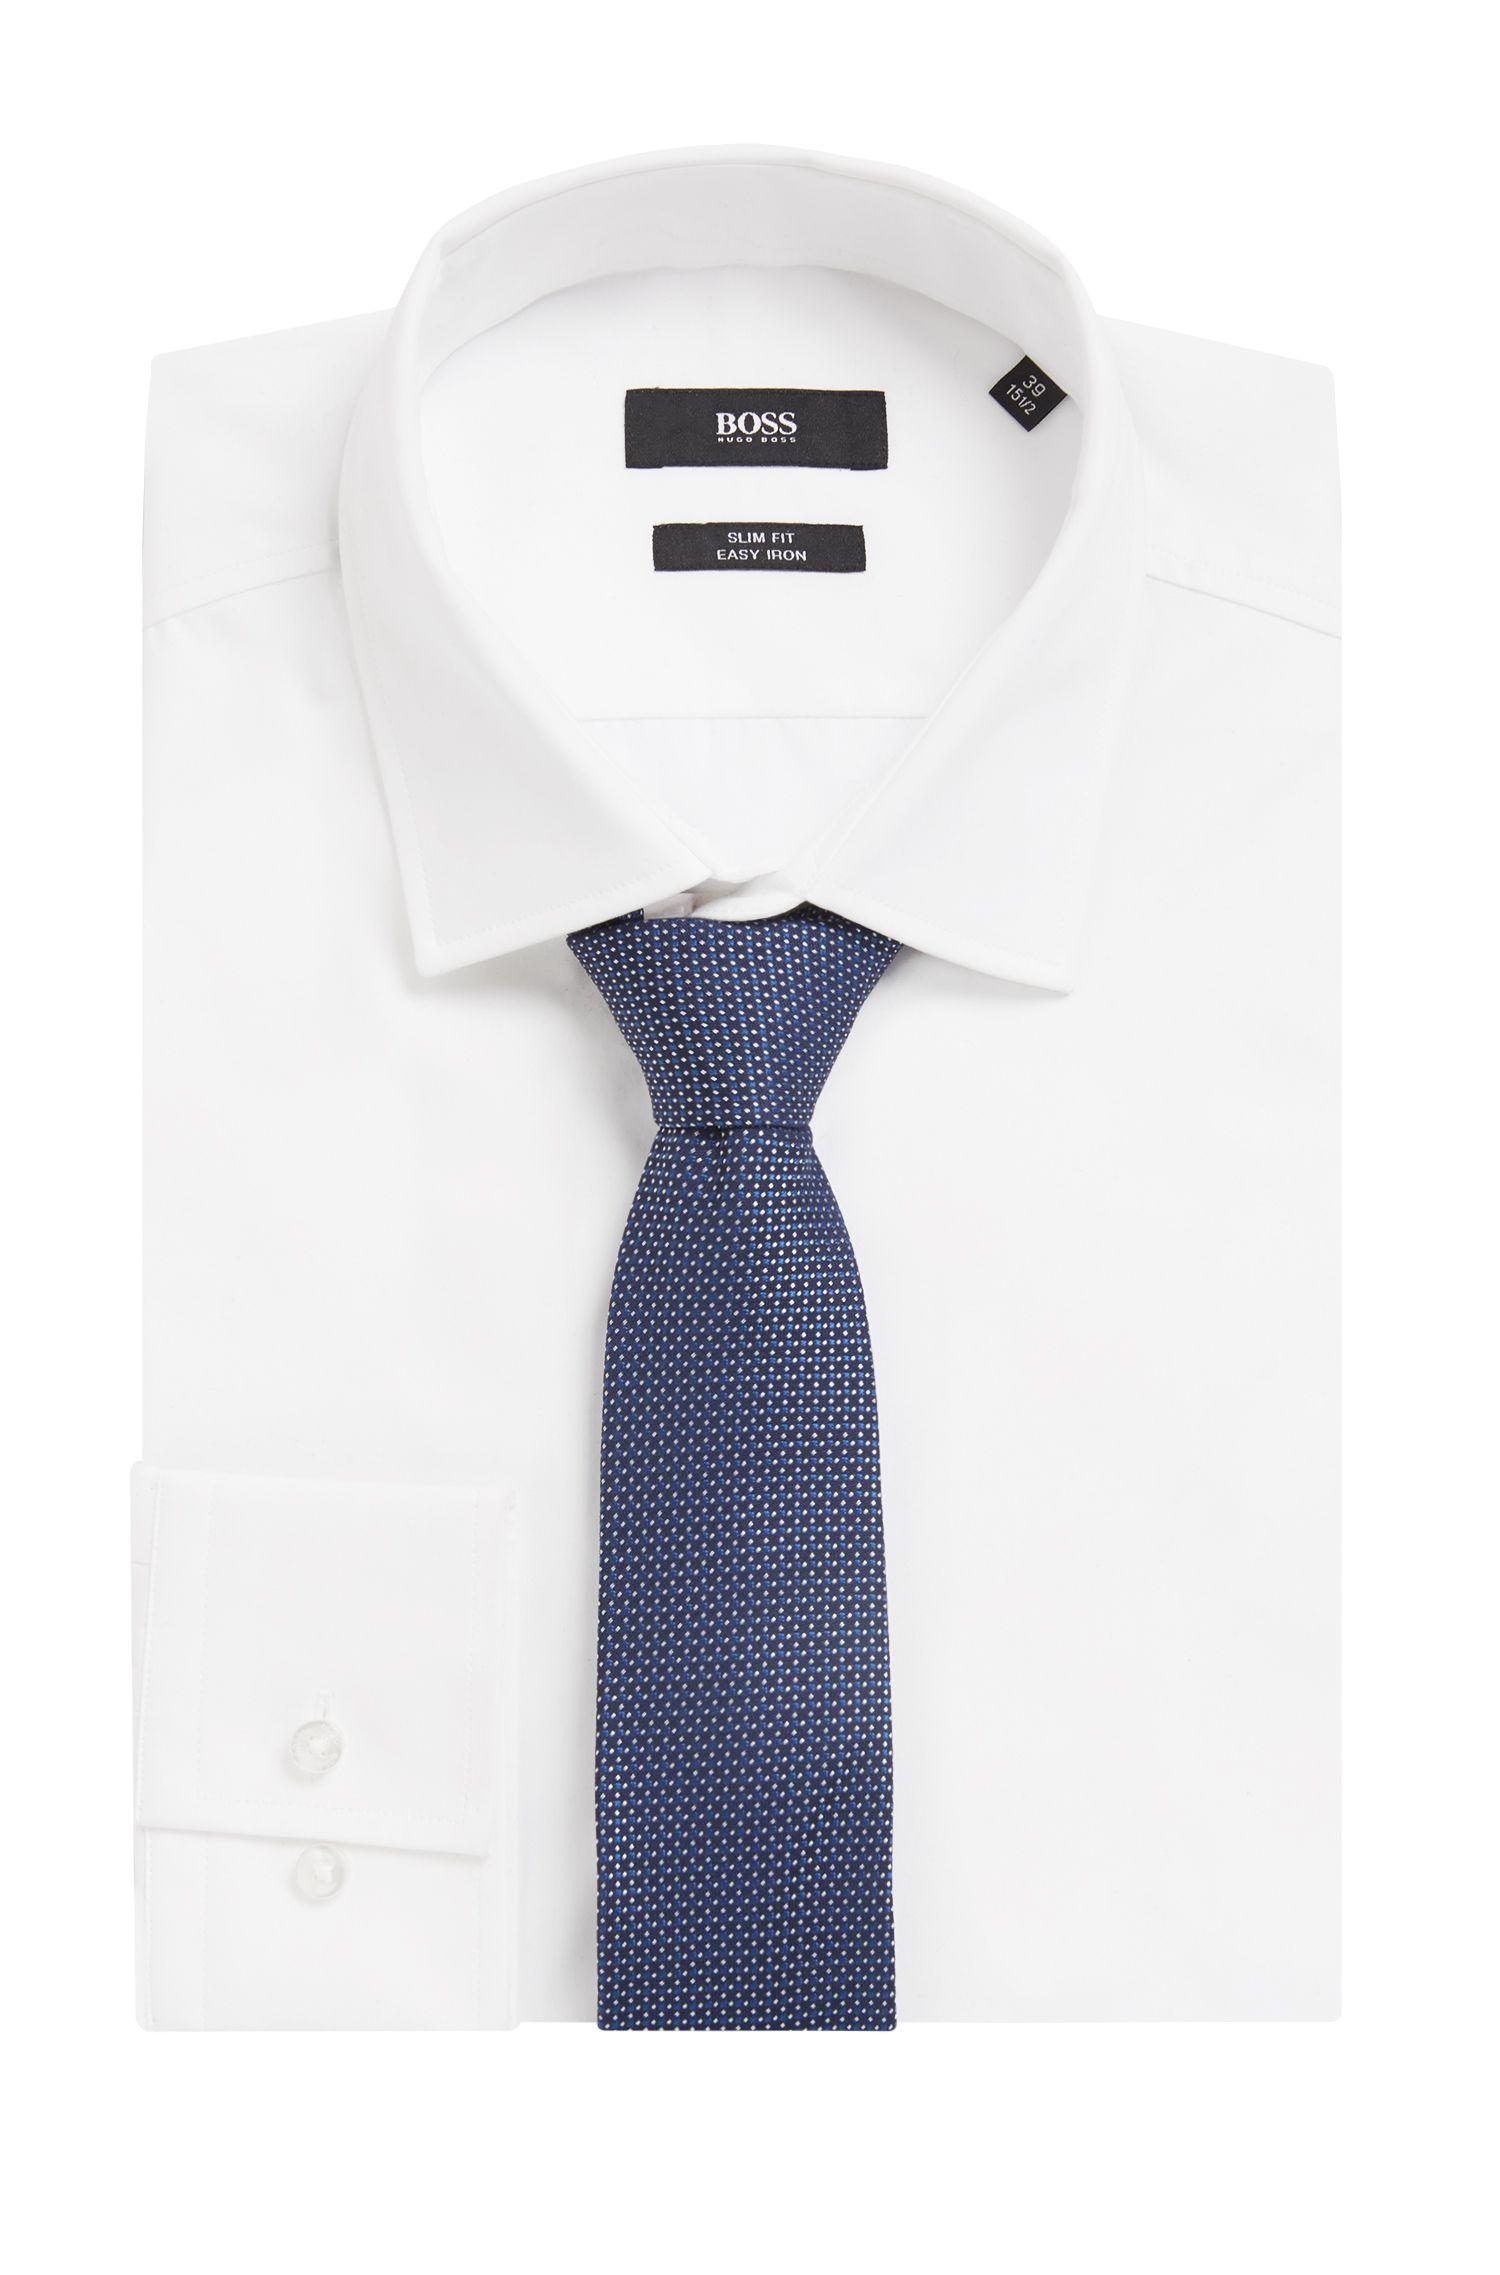 Cravate à motif en jacquard de soie confectionnée en Italie